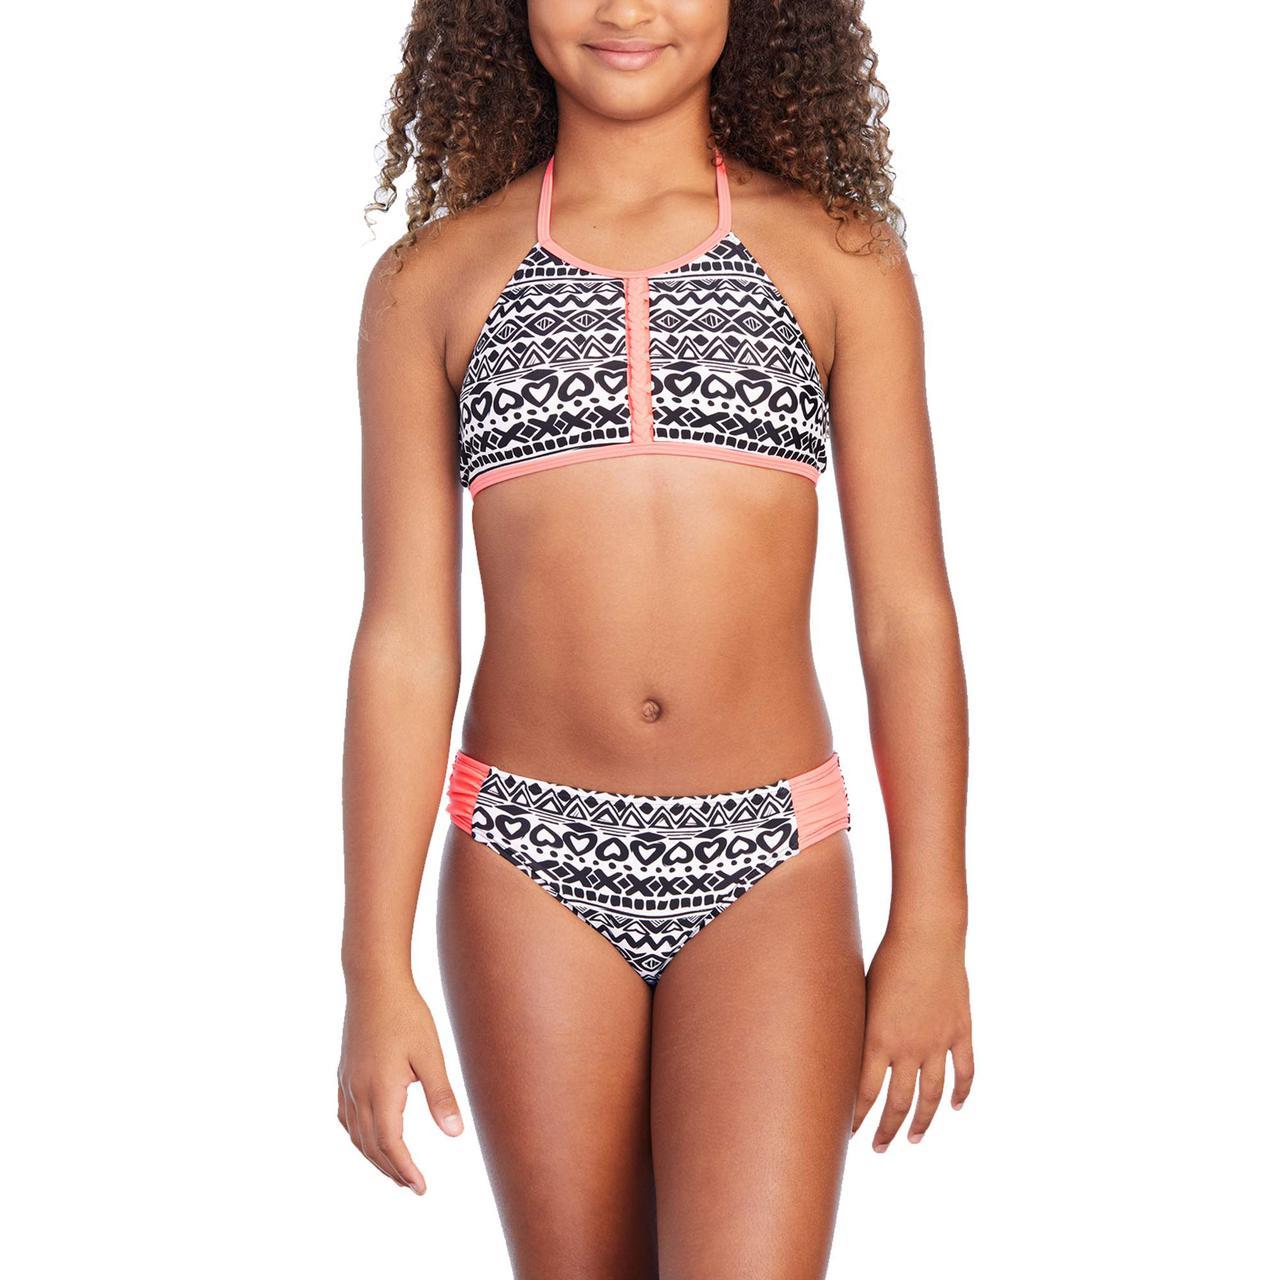 Купальник для девочек США на рост 116-135 см раздельный Corazon детские купальники